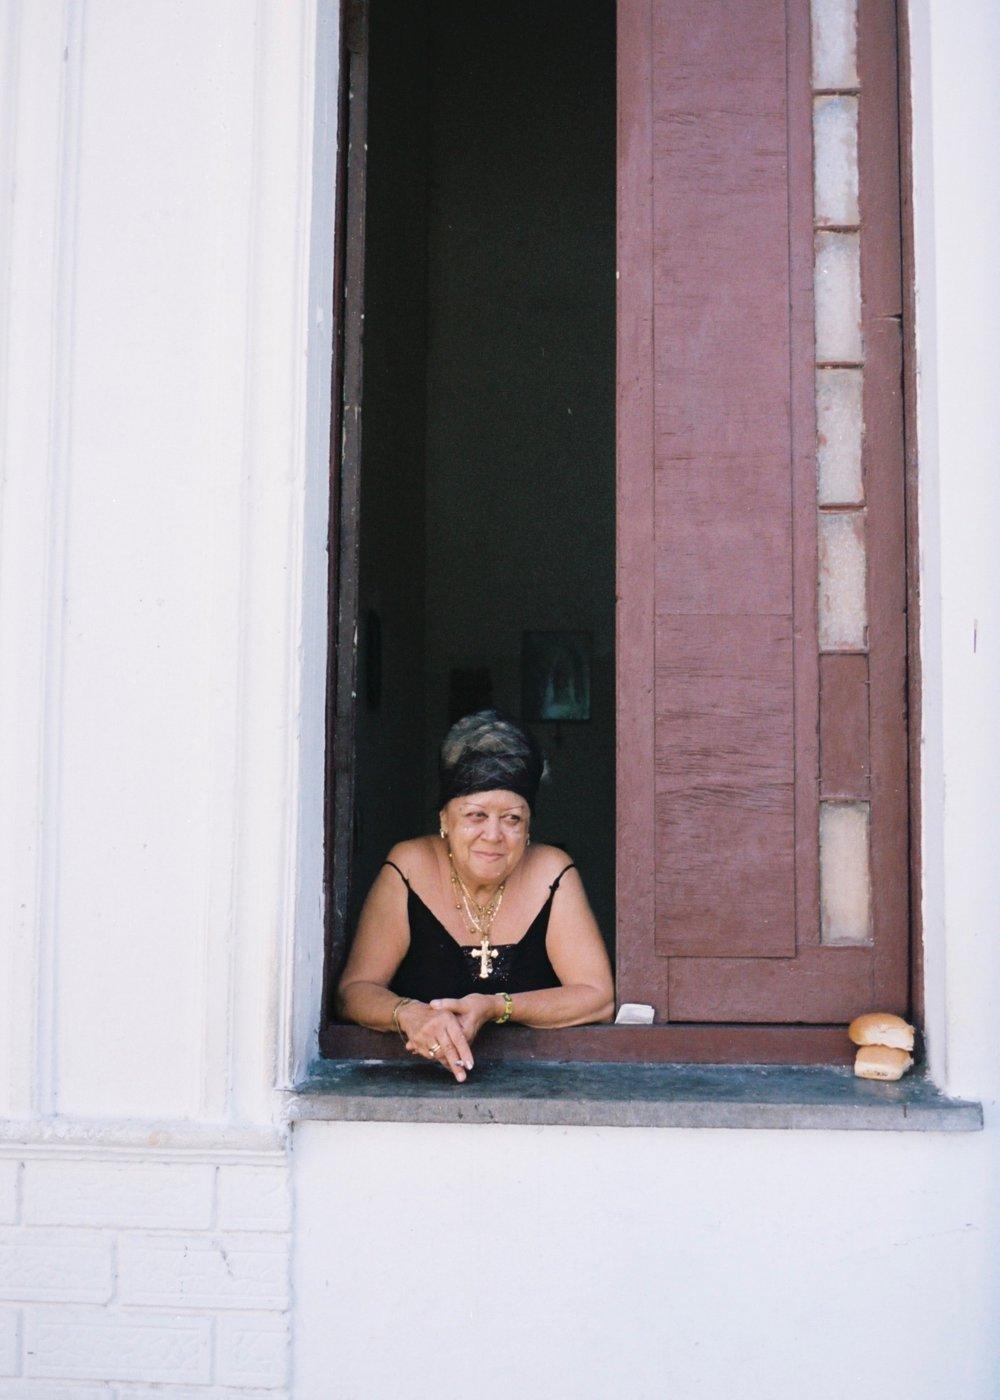 glori-reantaso-cuba-06.jpg